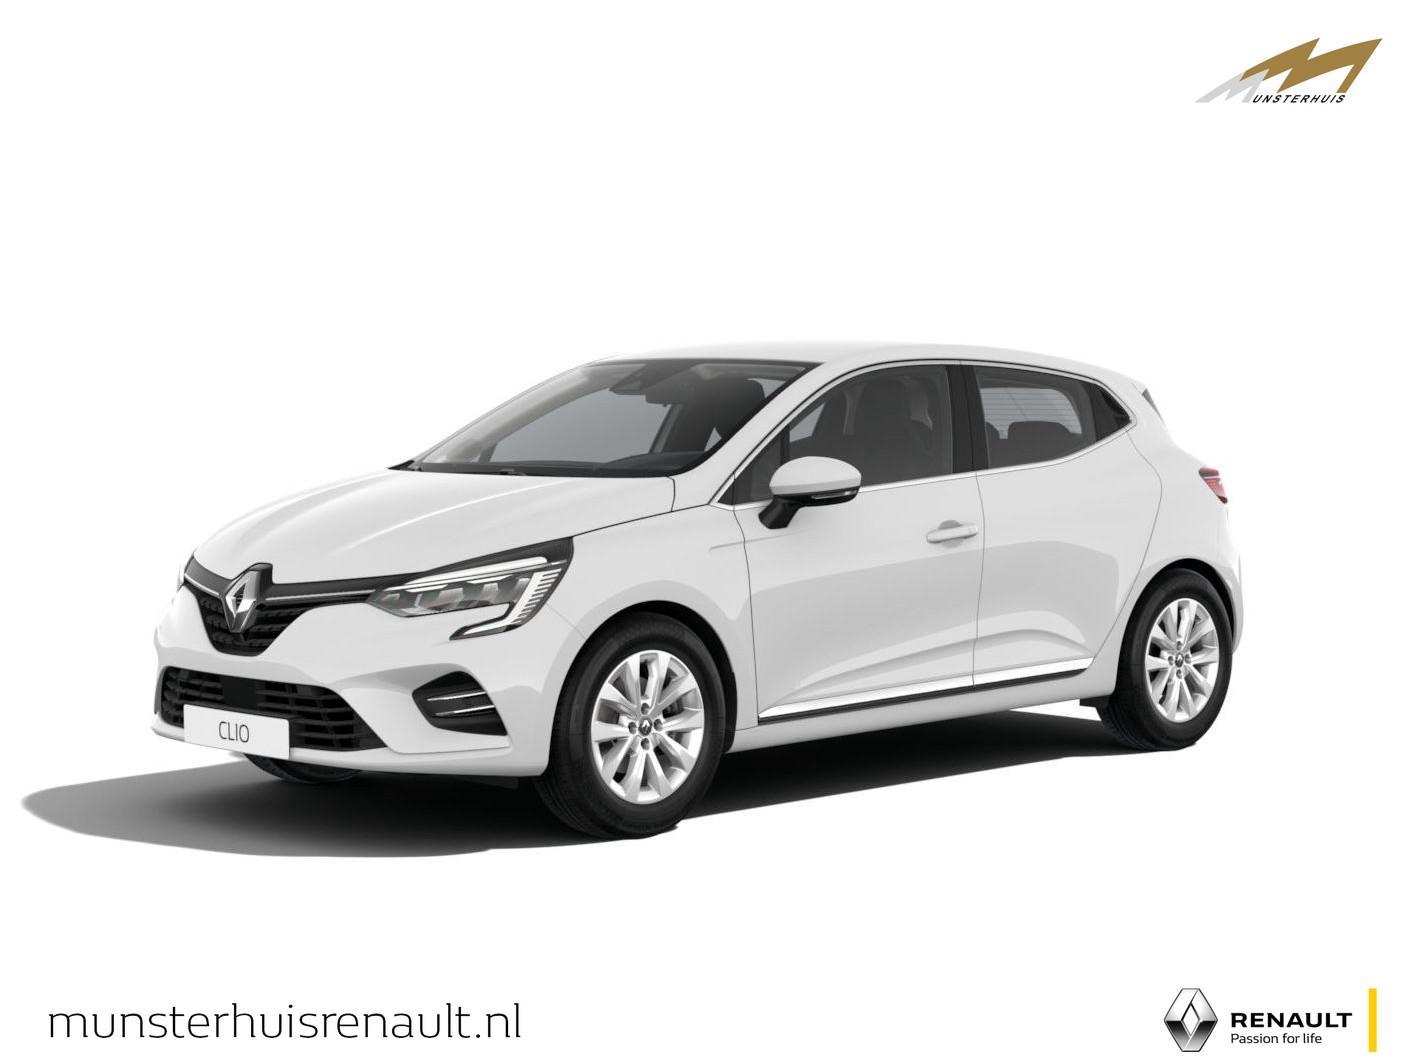 Renault Clio Tce 100 intens - nieuw